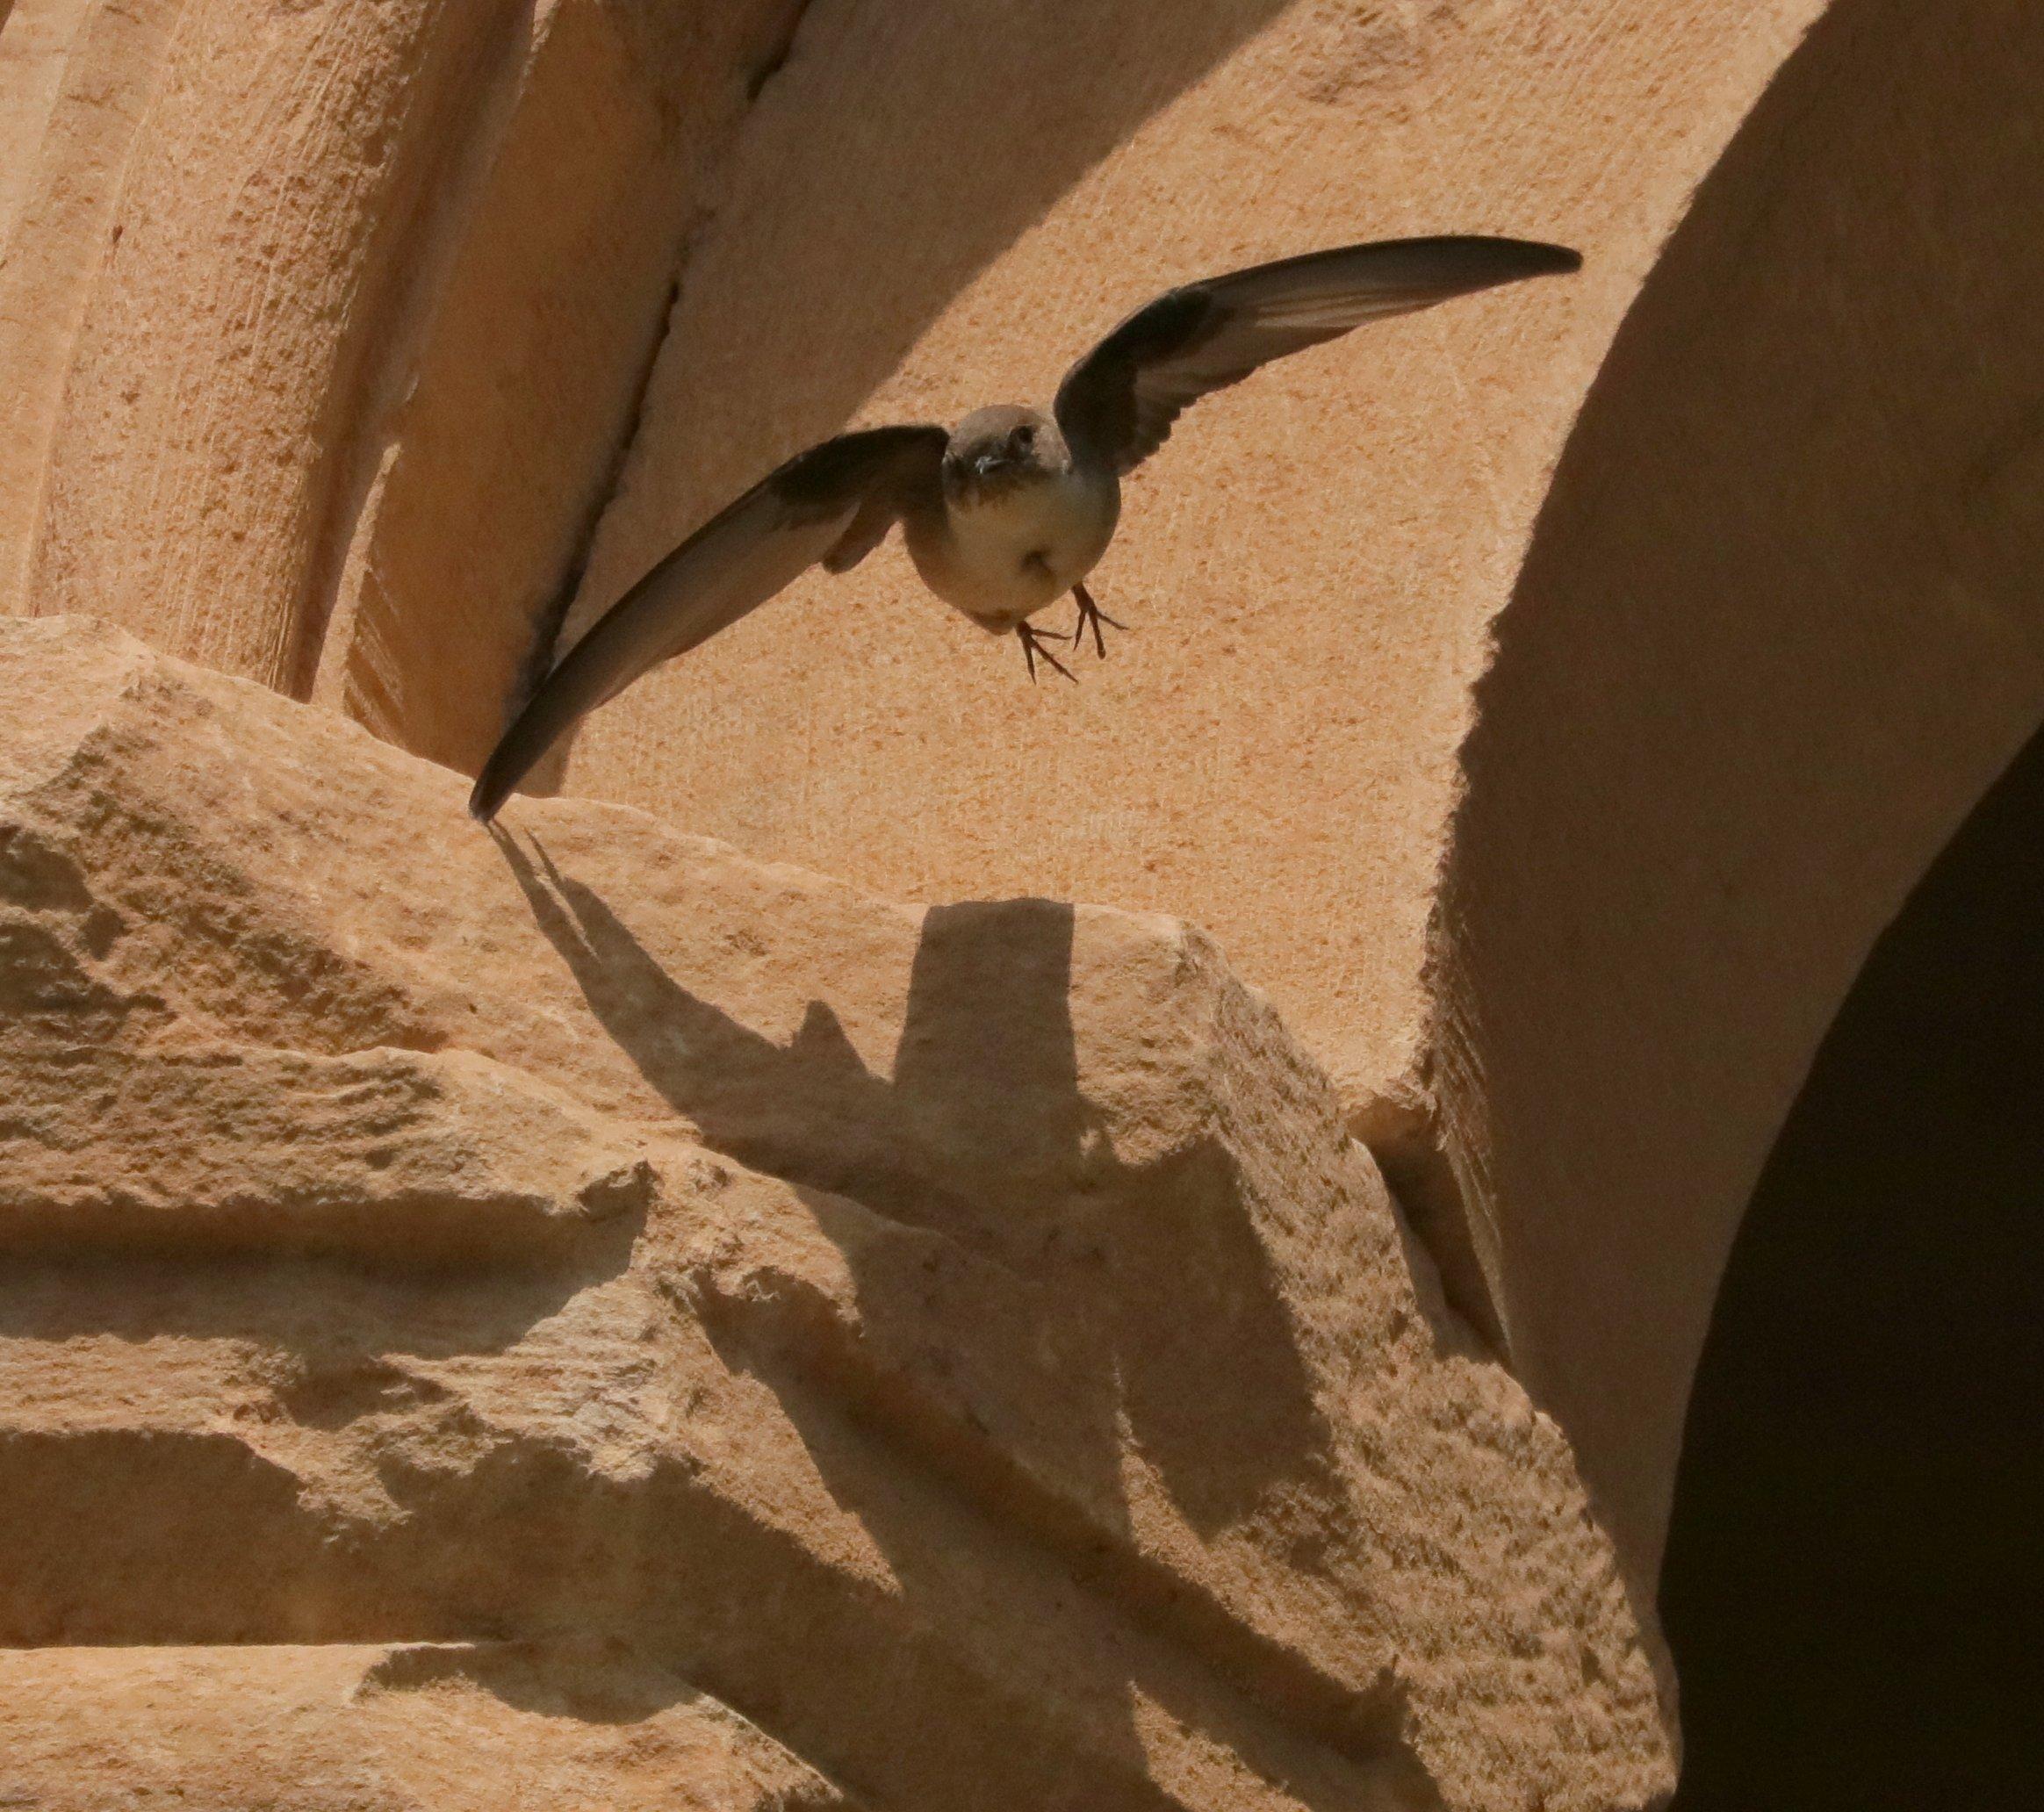 Rotszwaluw Armenië (foto J.A. Hellings)